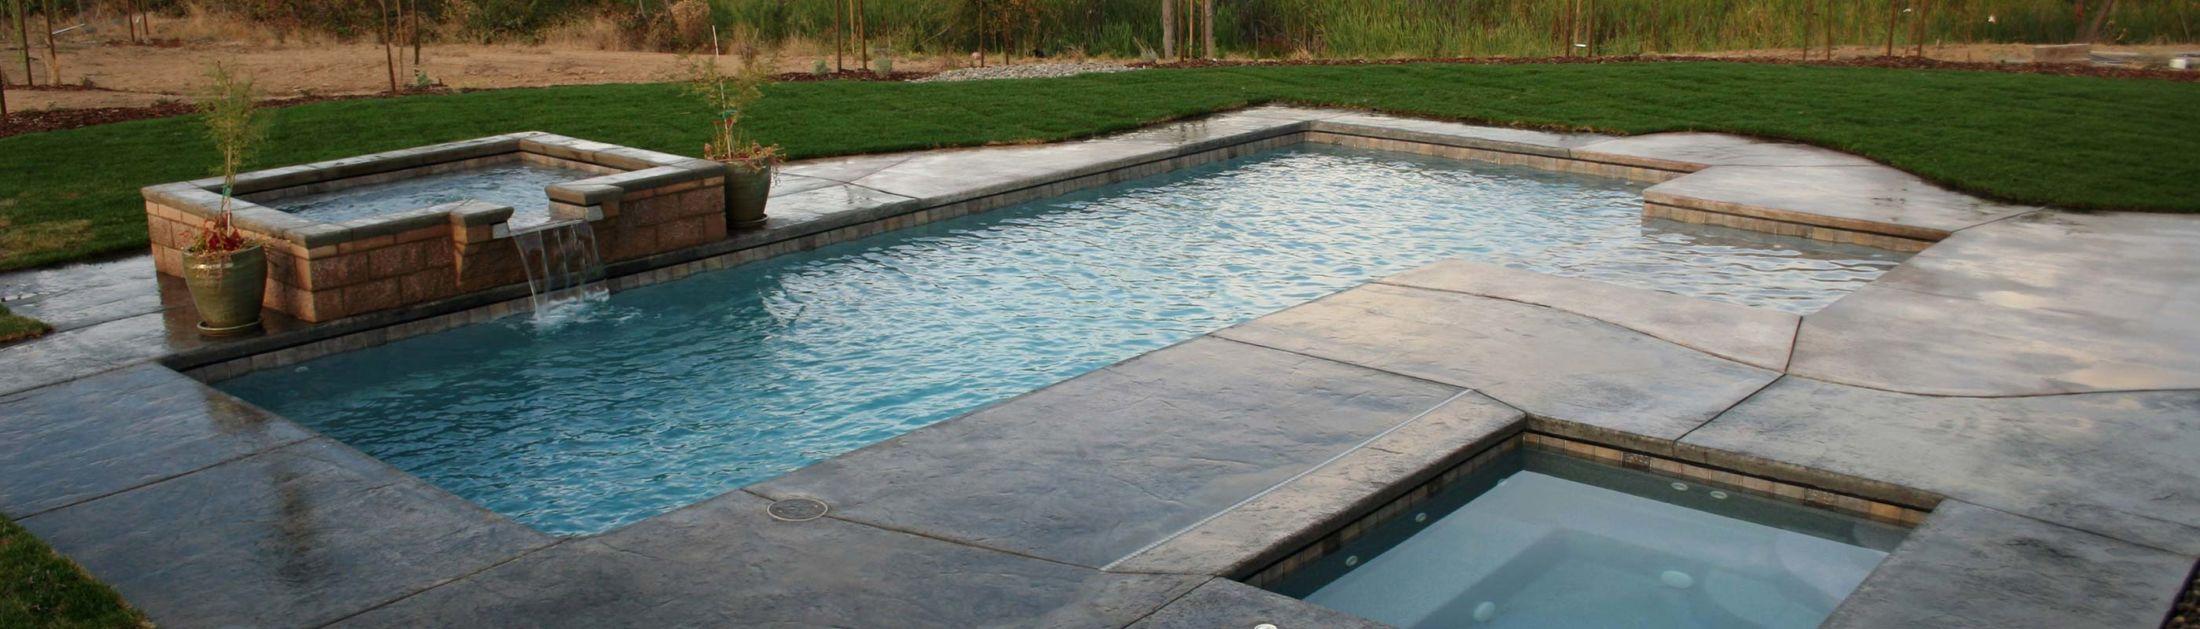 masonry-stone-wall-waterfall-and-pool